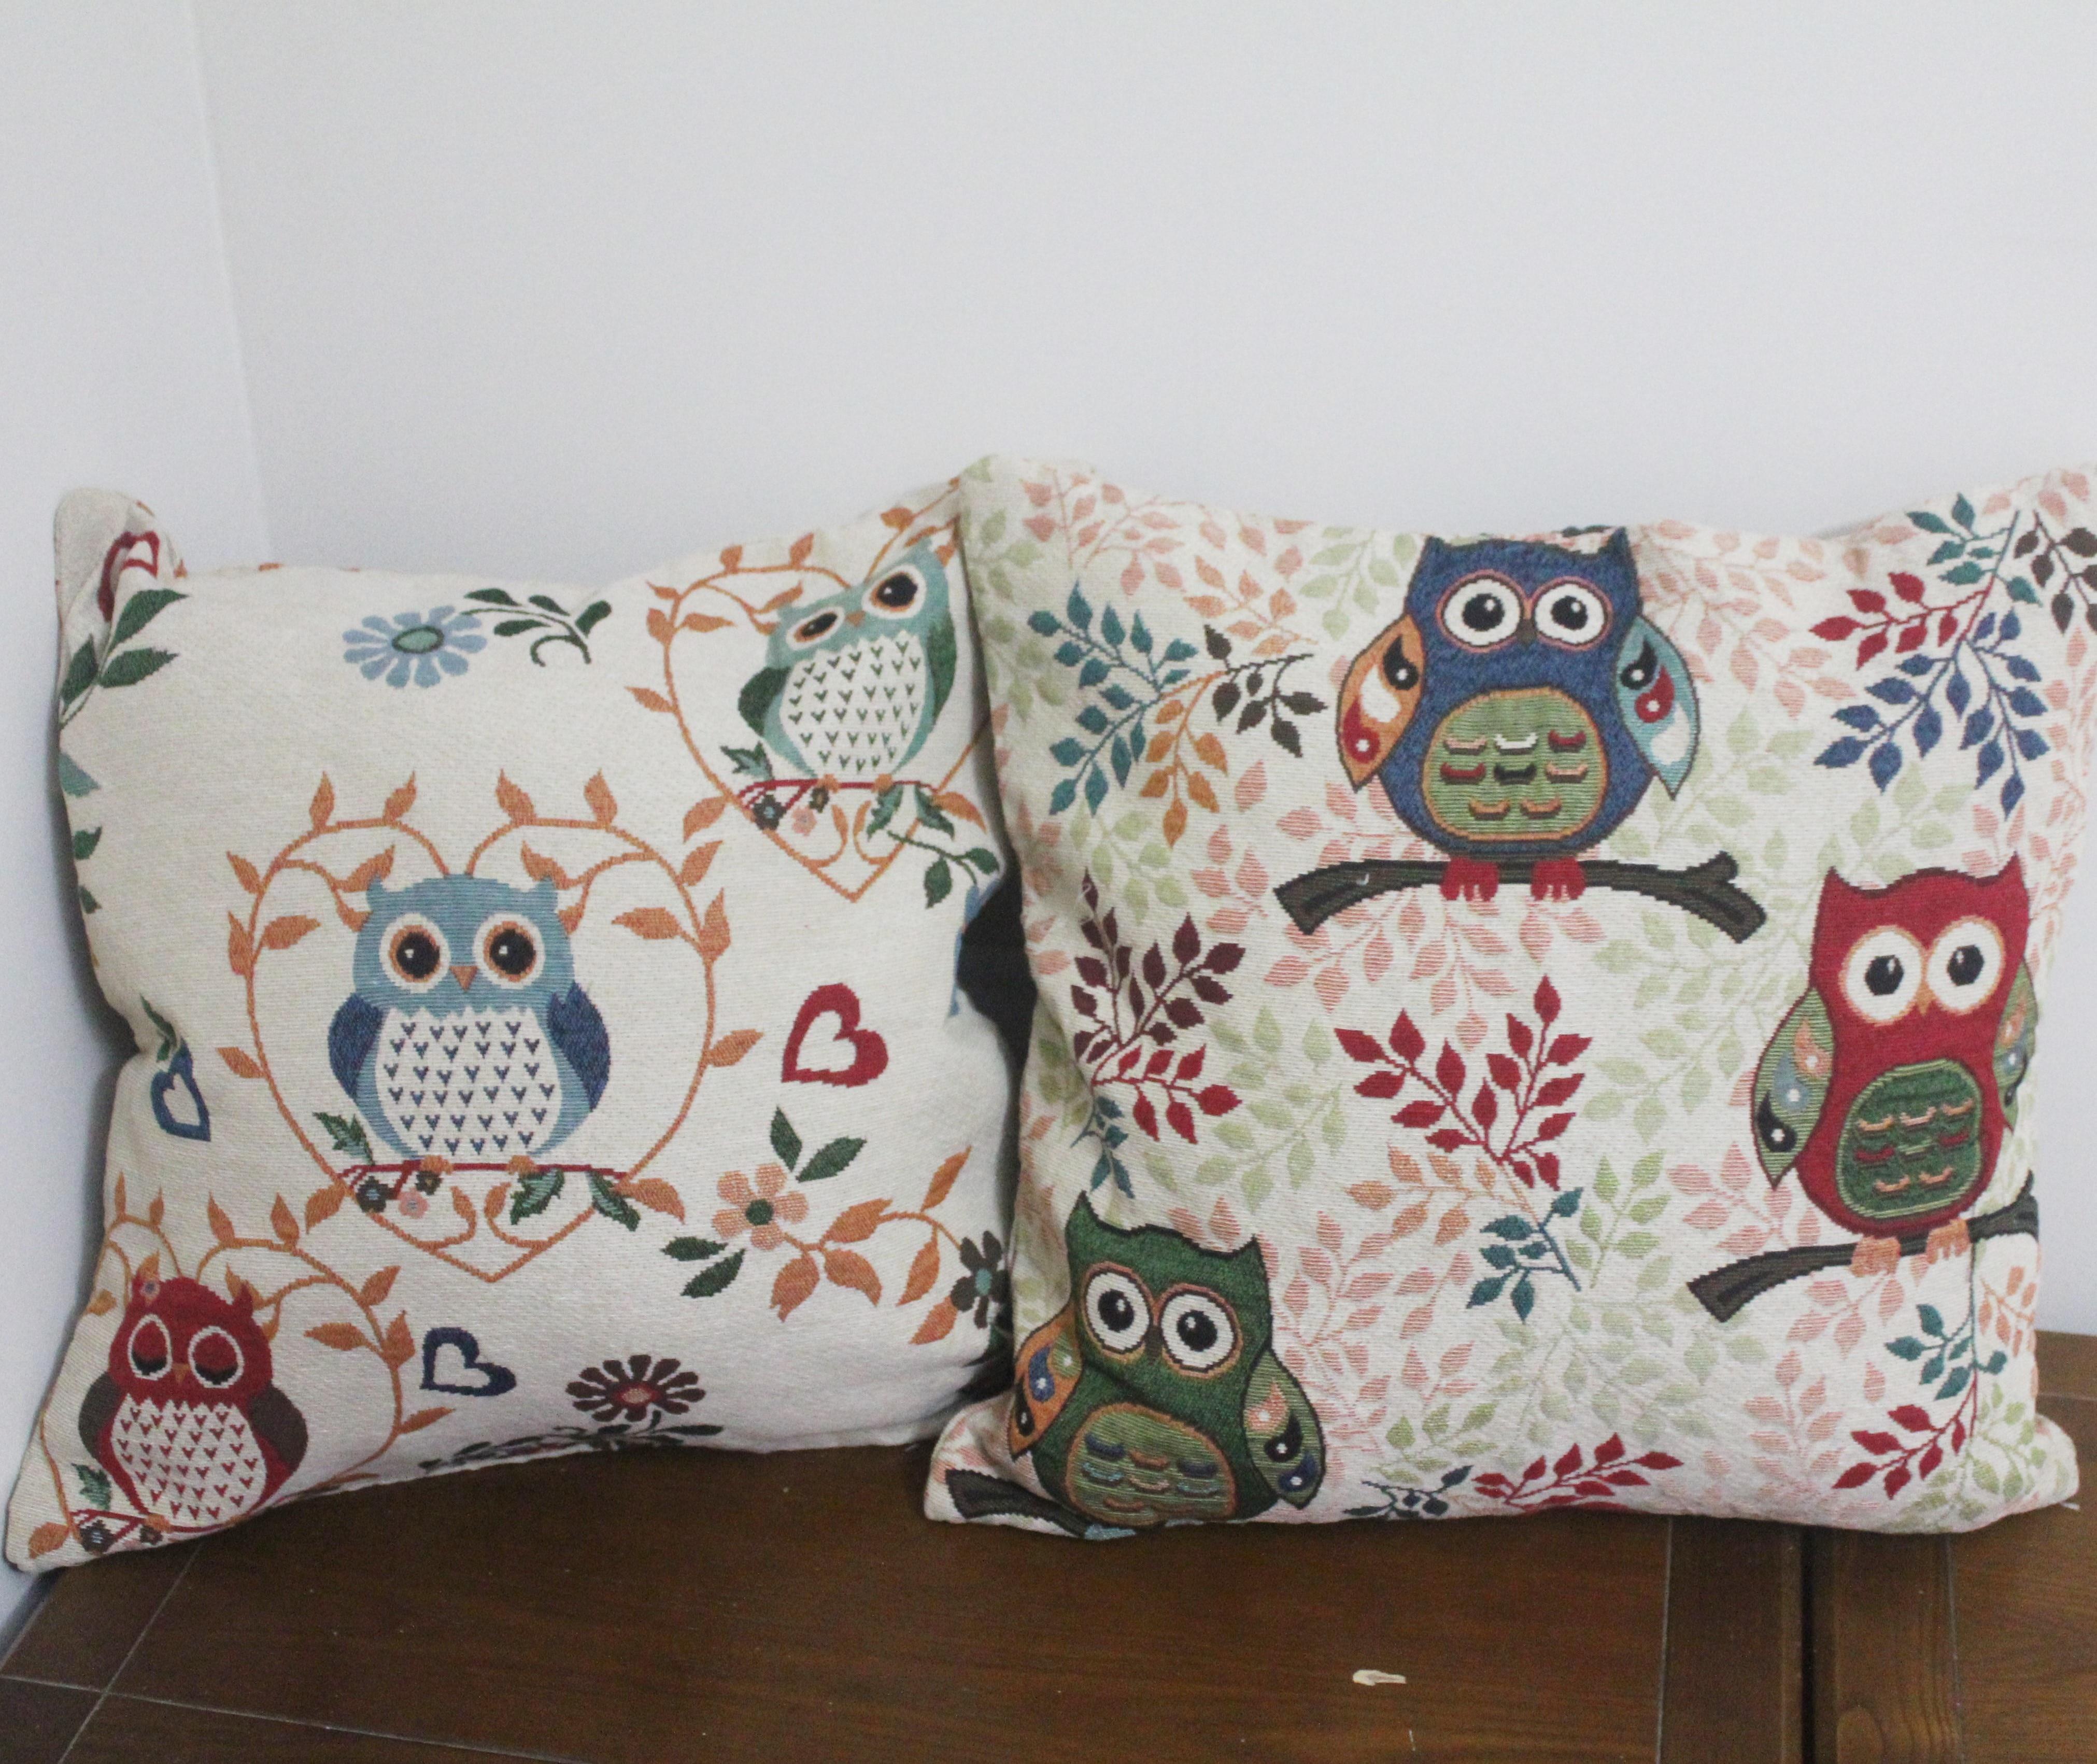 Aliexpress Buy vintage owl decorative throw pillowcases